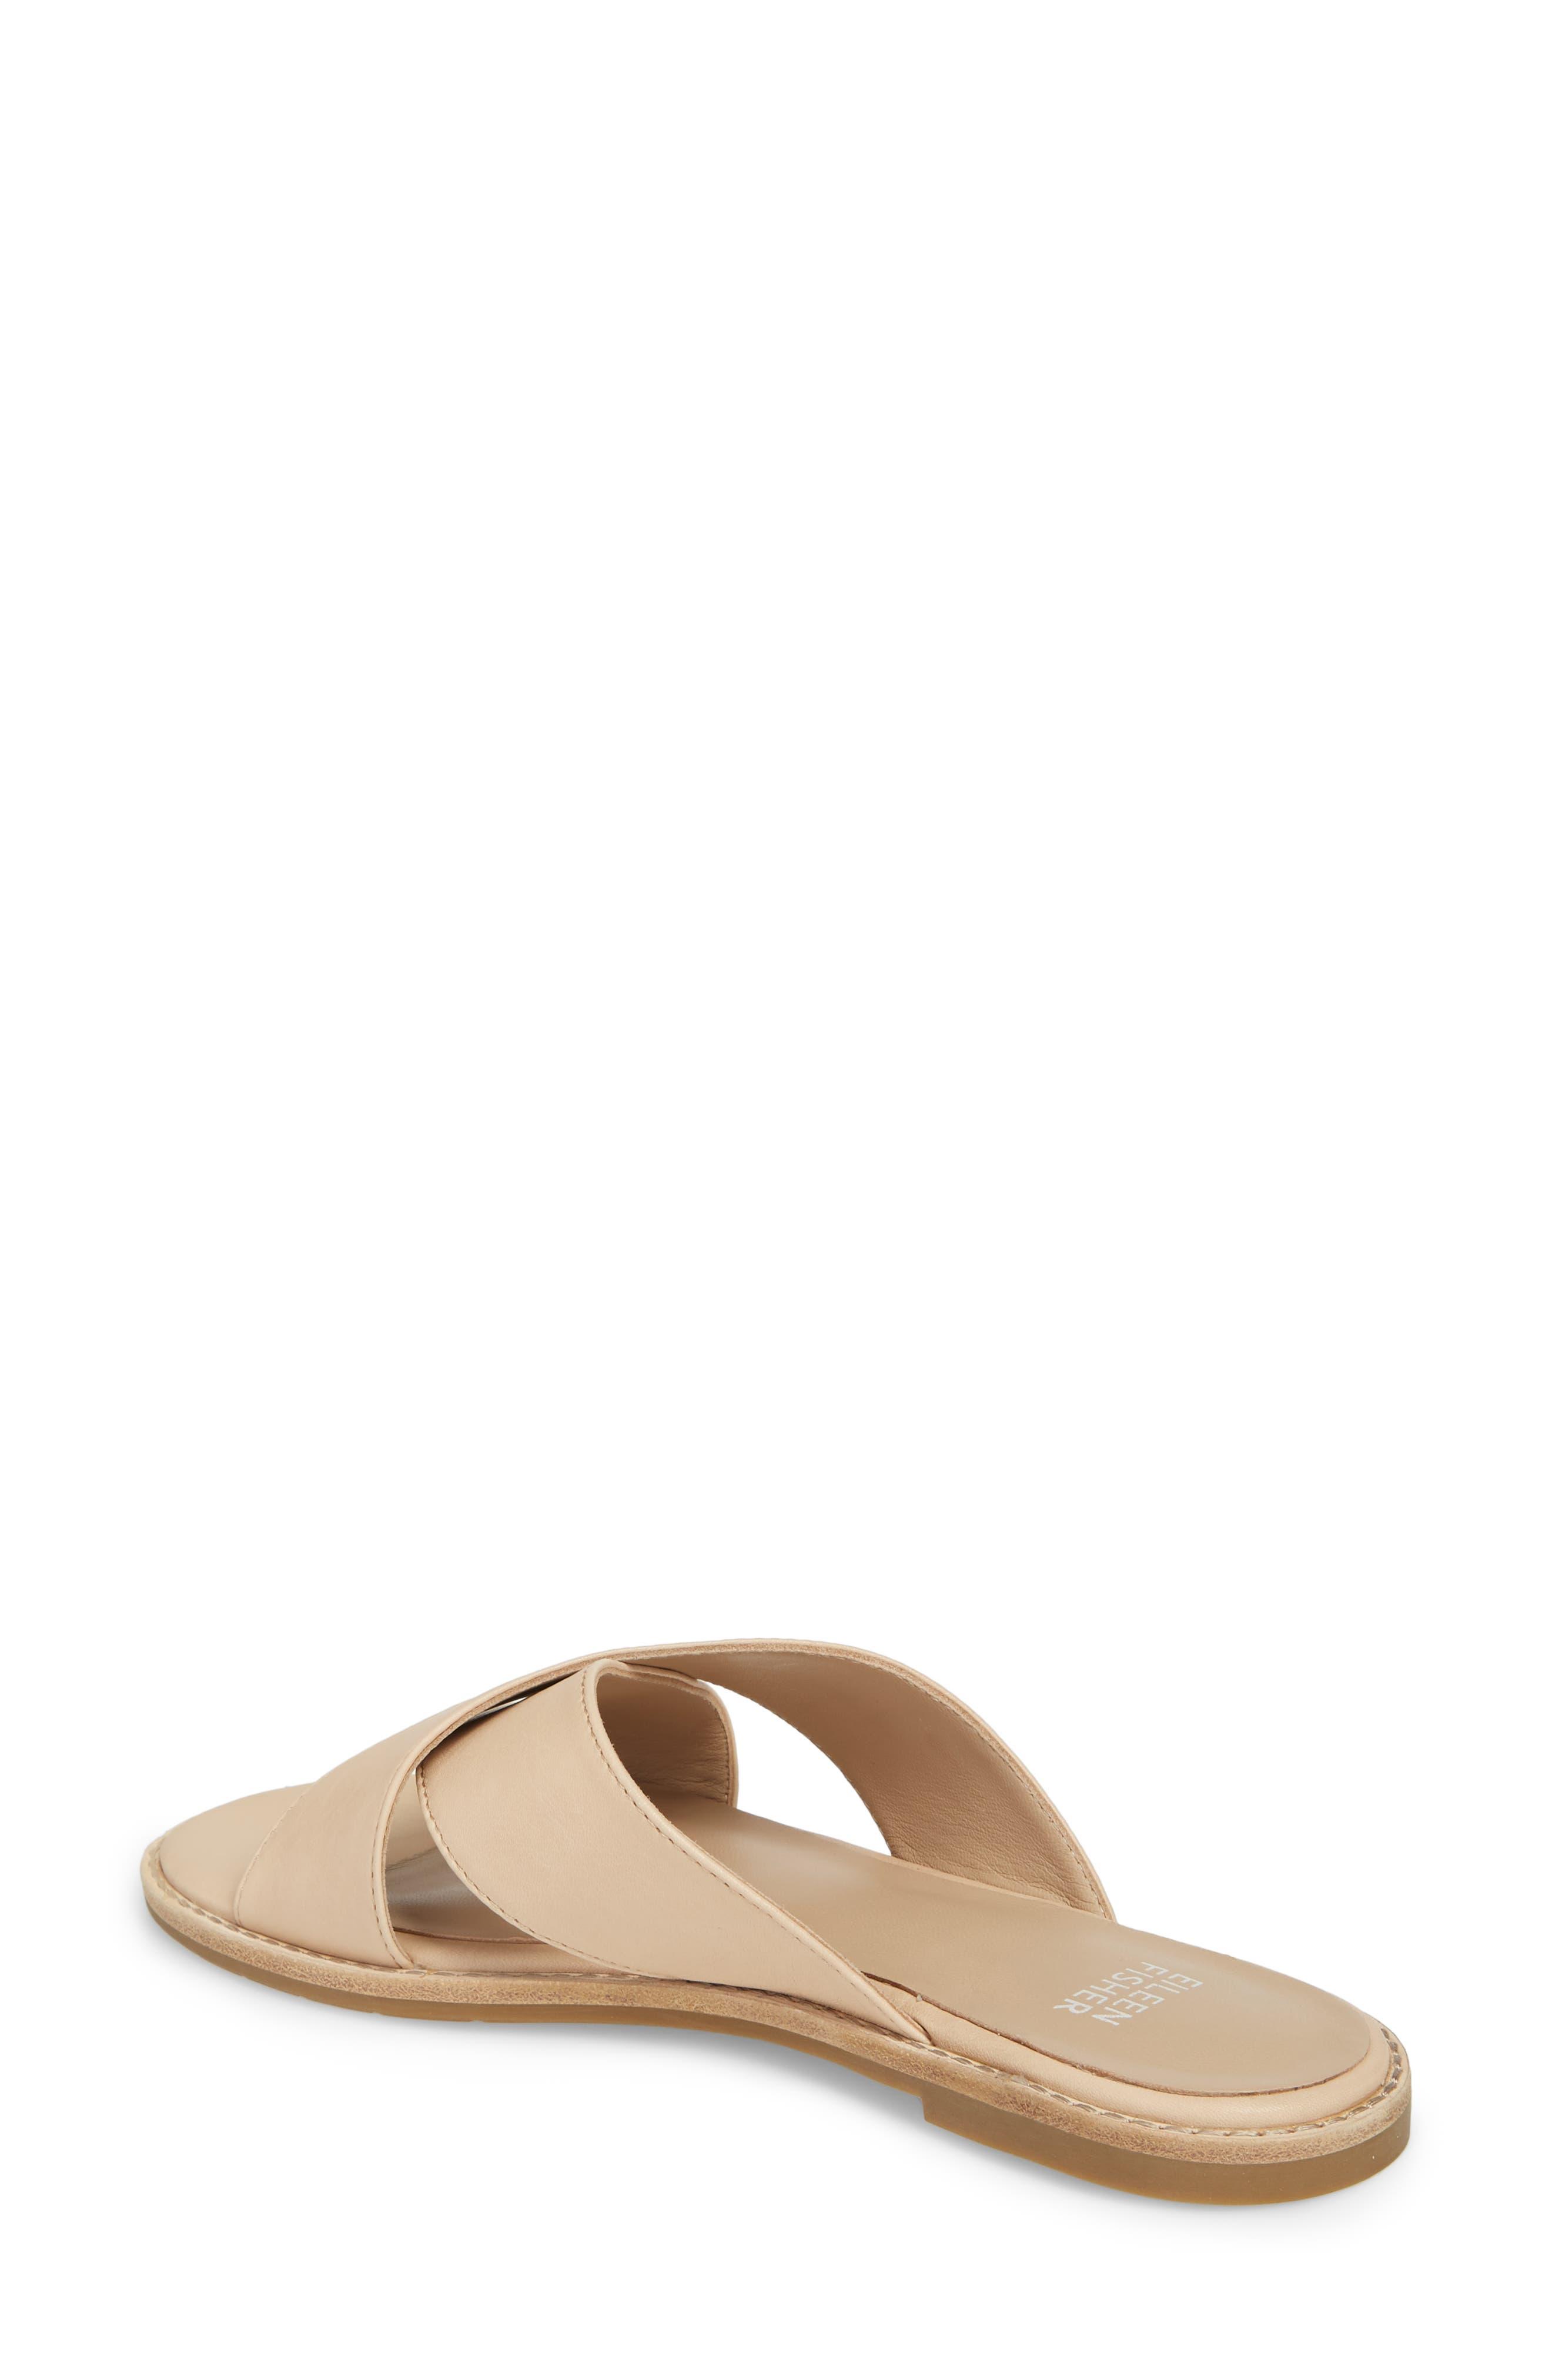 Cape Slide Sandal,                             Alternate thumbnail 2, color,                             Desert Leather